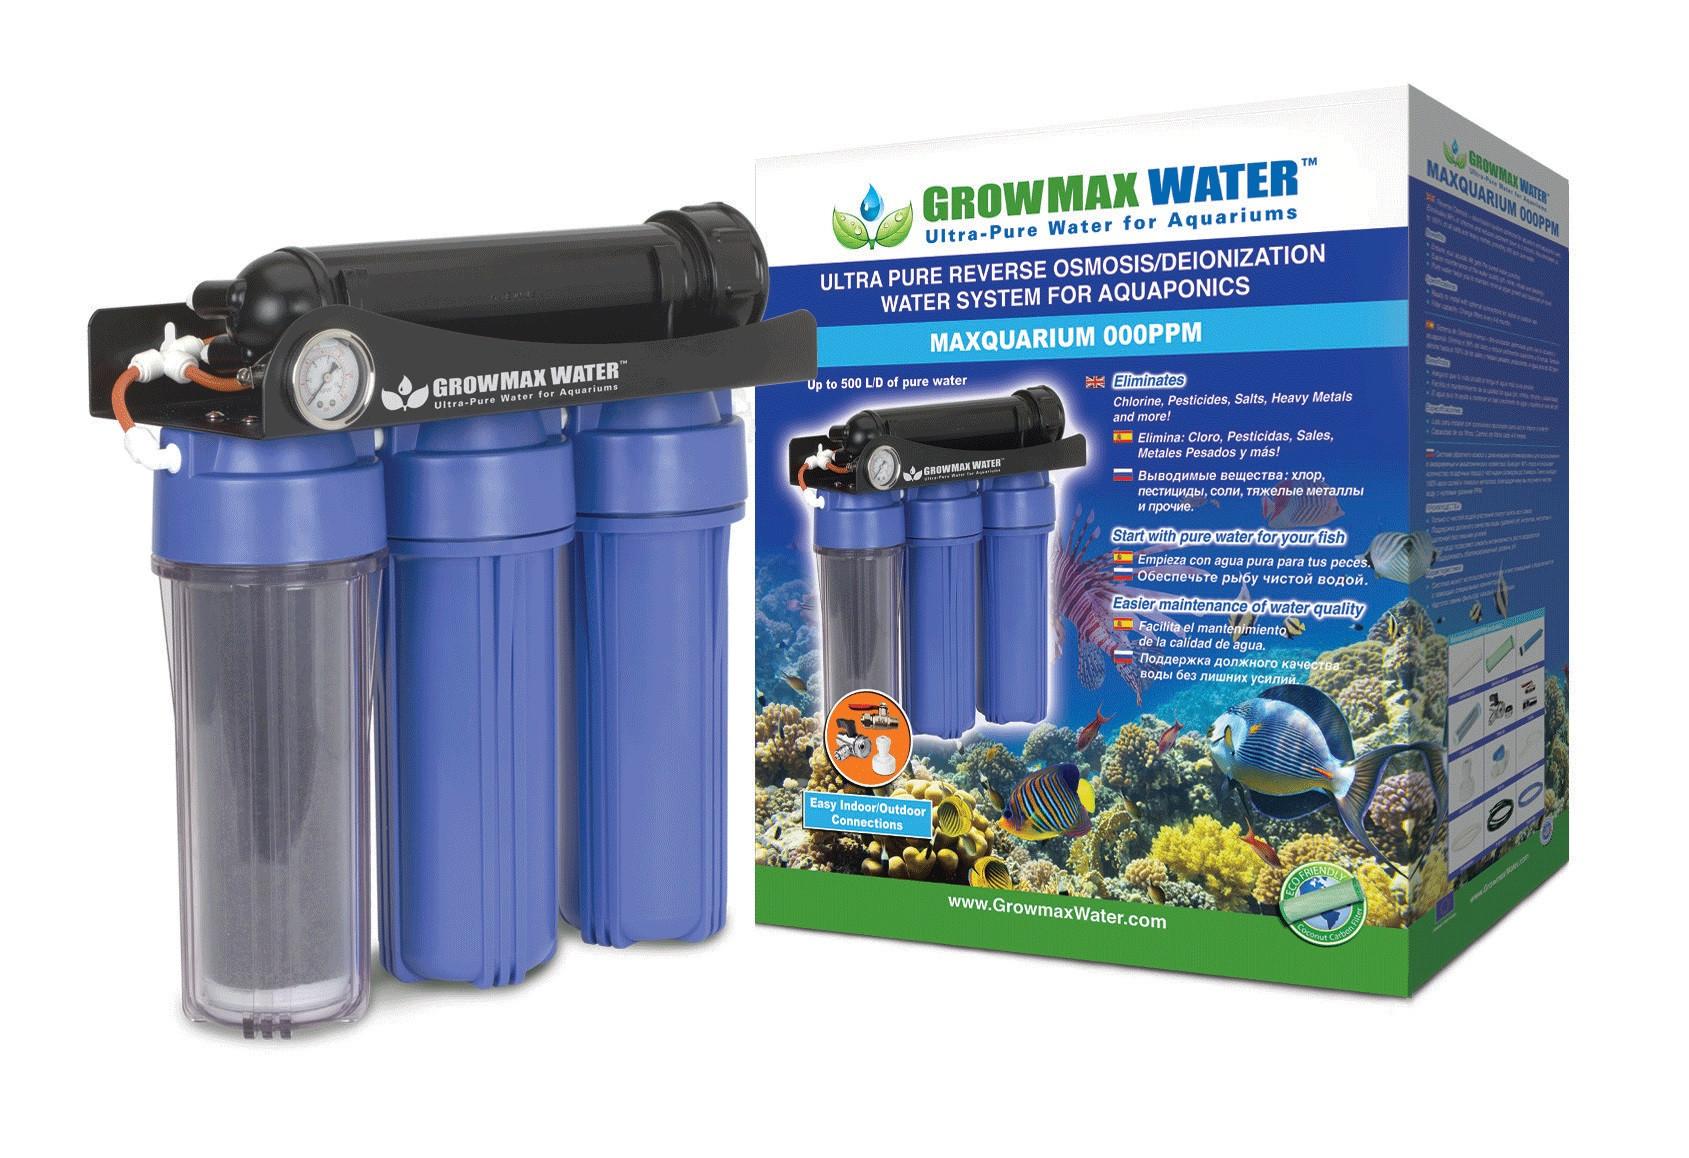 vodni sustav za akvarije i akvaponiku